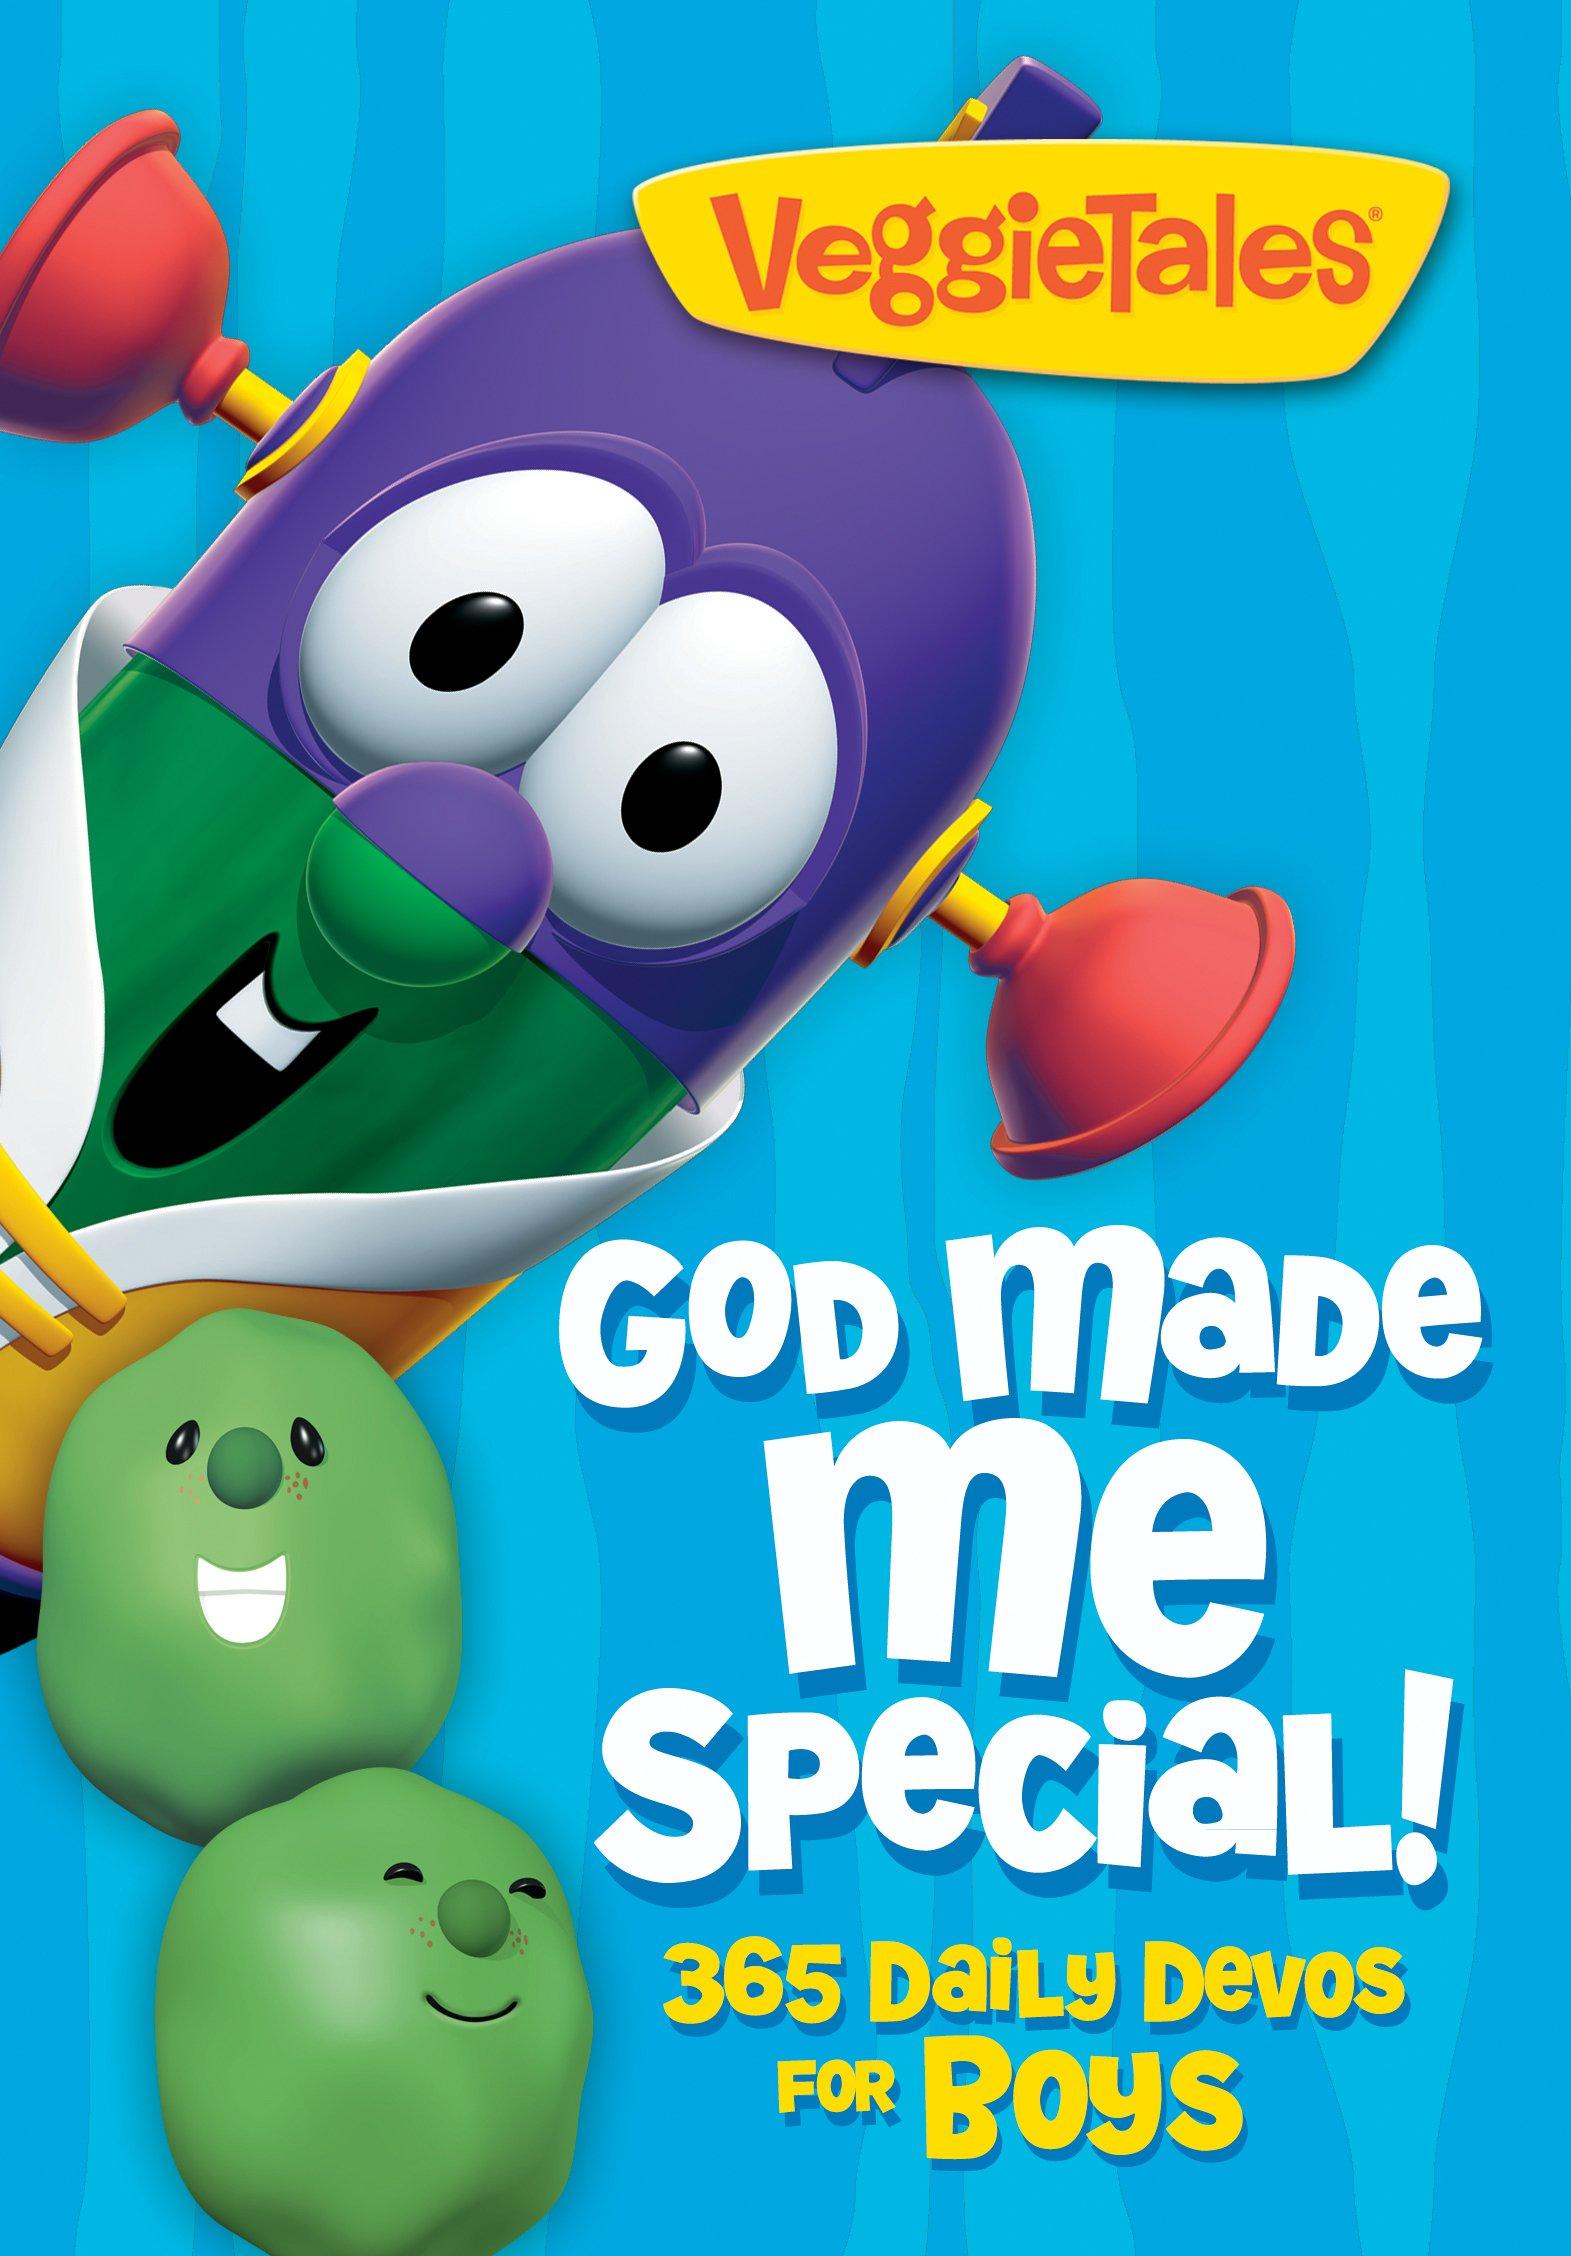 God Made Me Special!: 365 Daily Devos for Boys (Veggietales): VeggieTales:  9781617953811: Amazon.com: Books